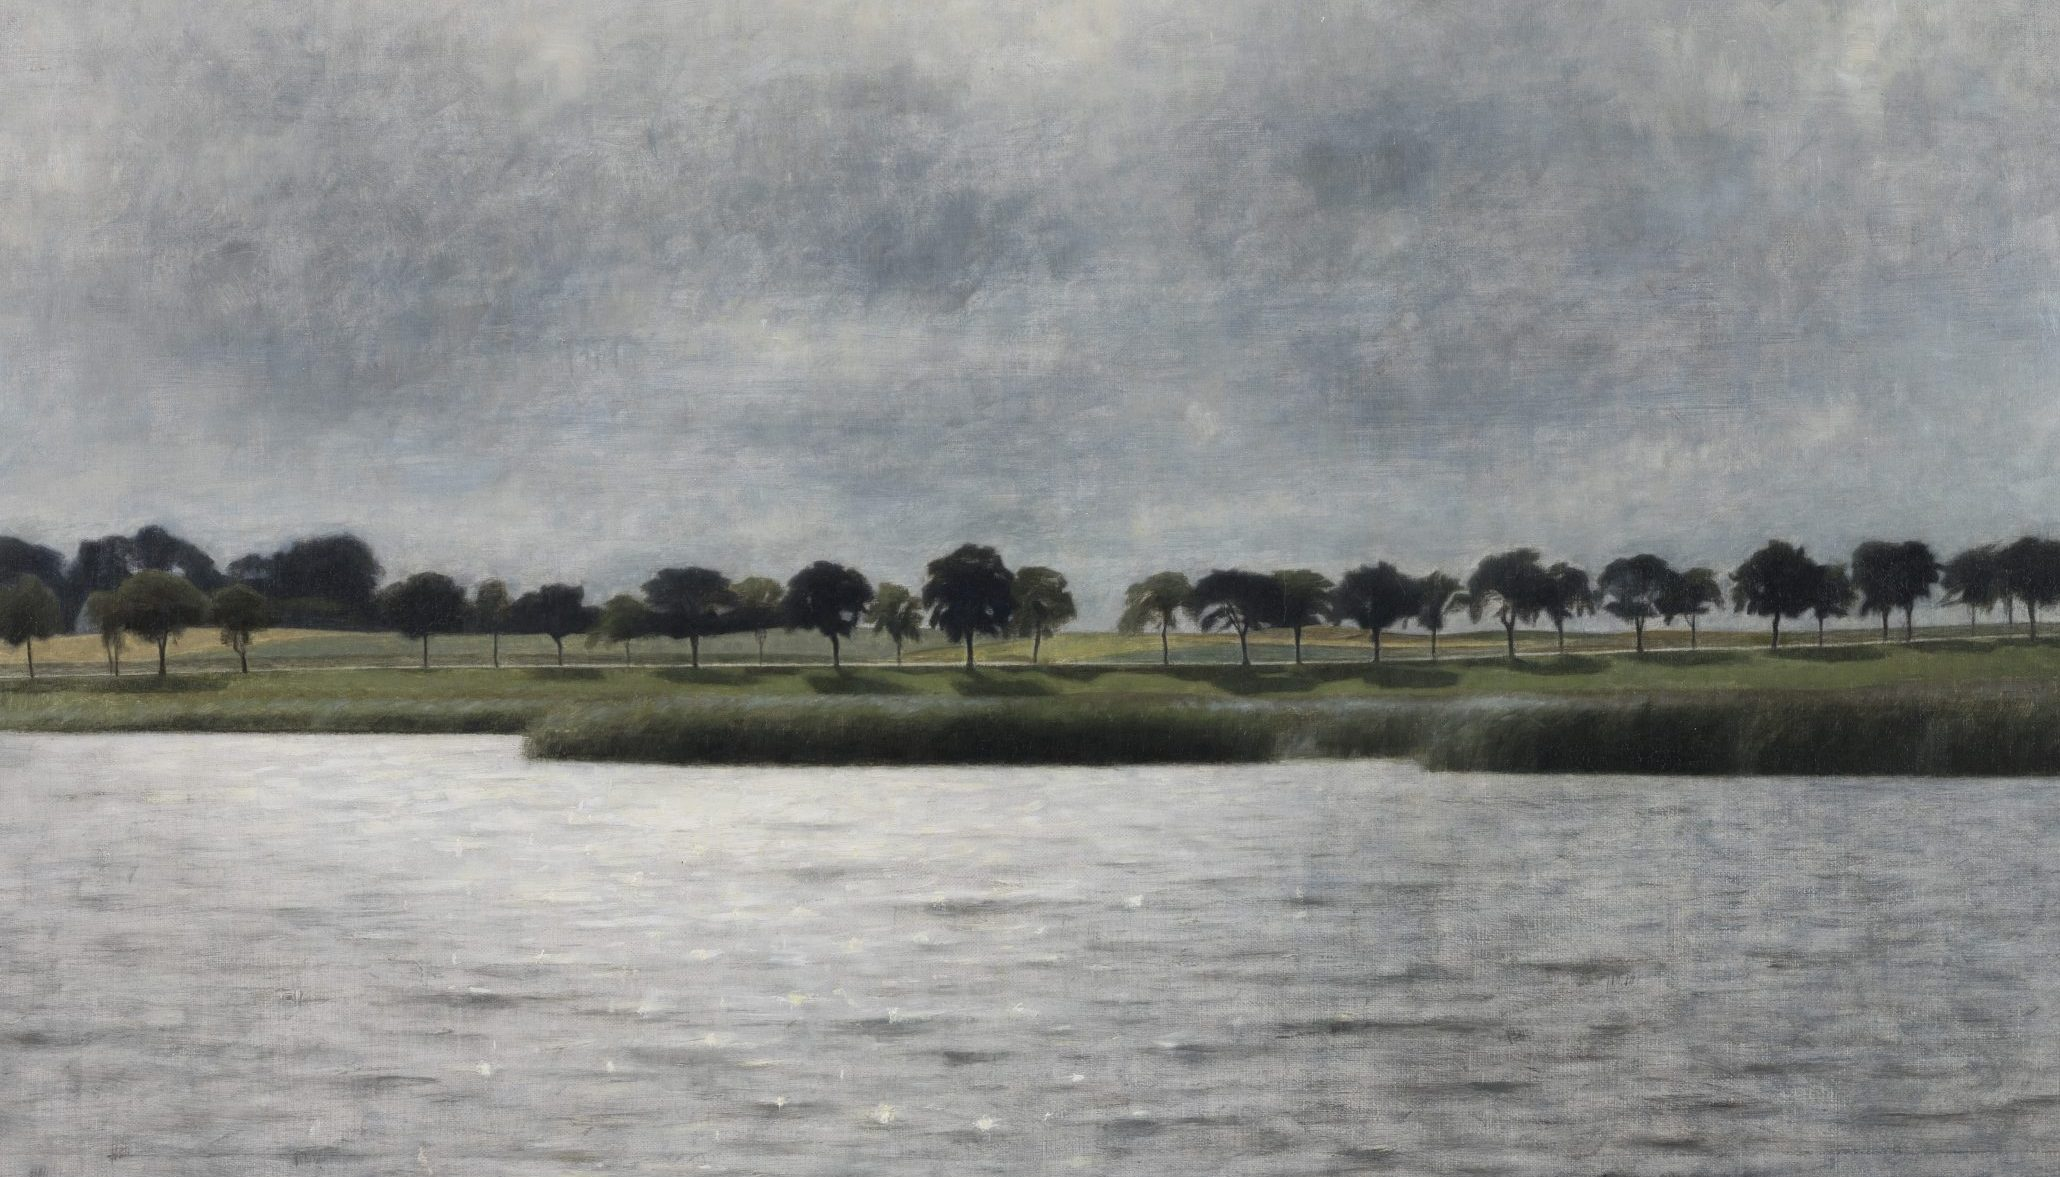 Værket 'Solregn' er malet af Vilhelm Hammershøi og er udlånt til Ordrupgaard af Augustinus Fonden.